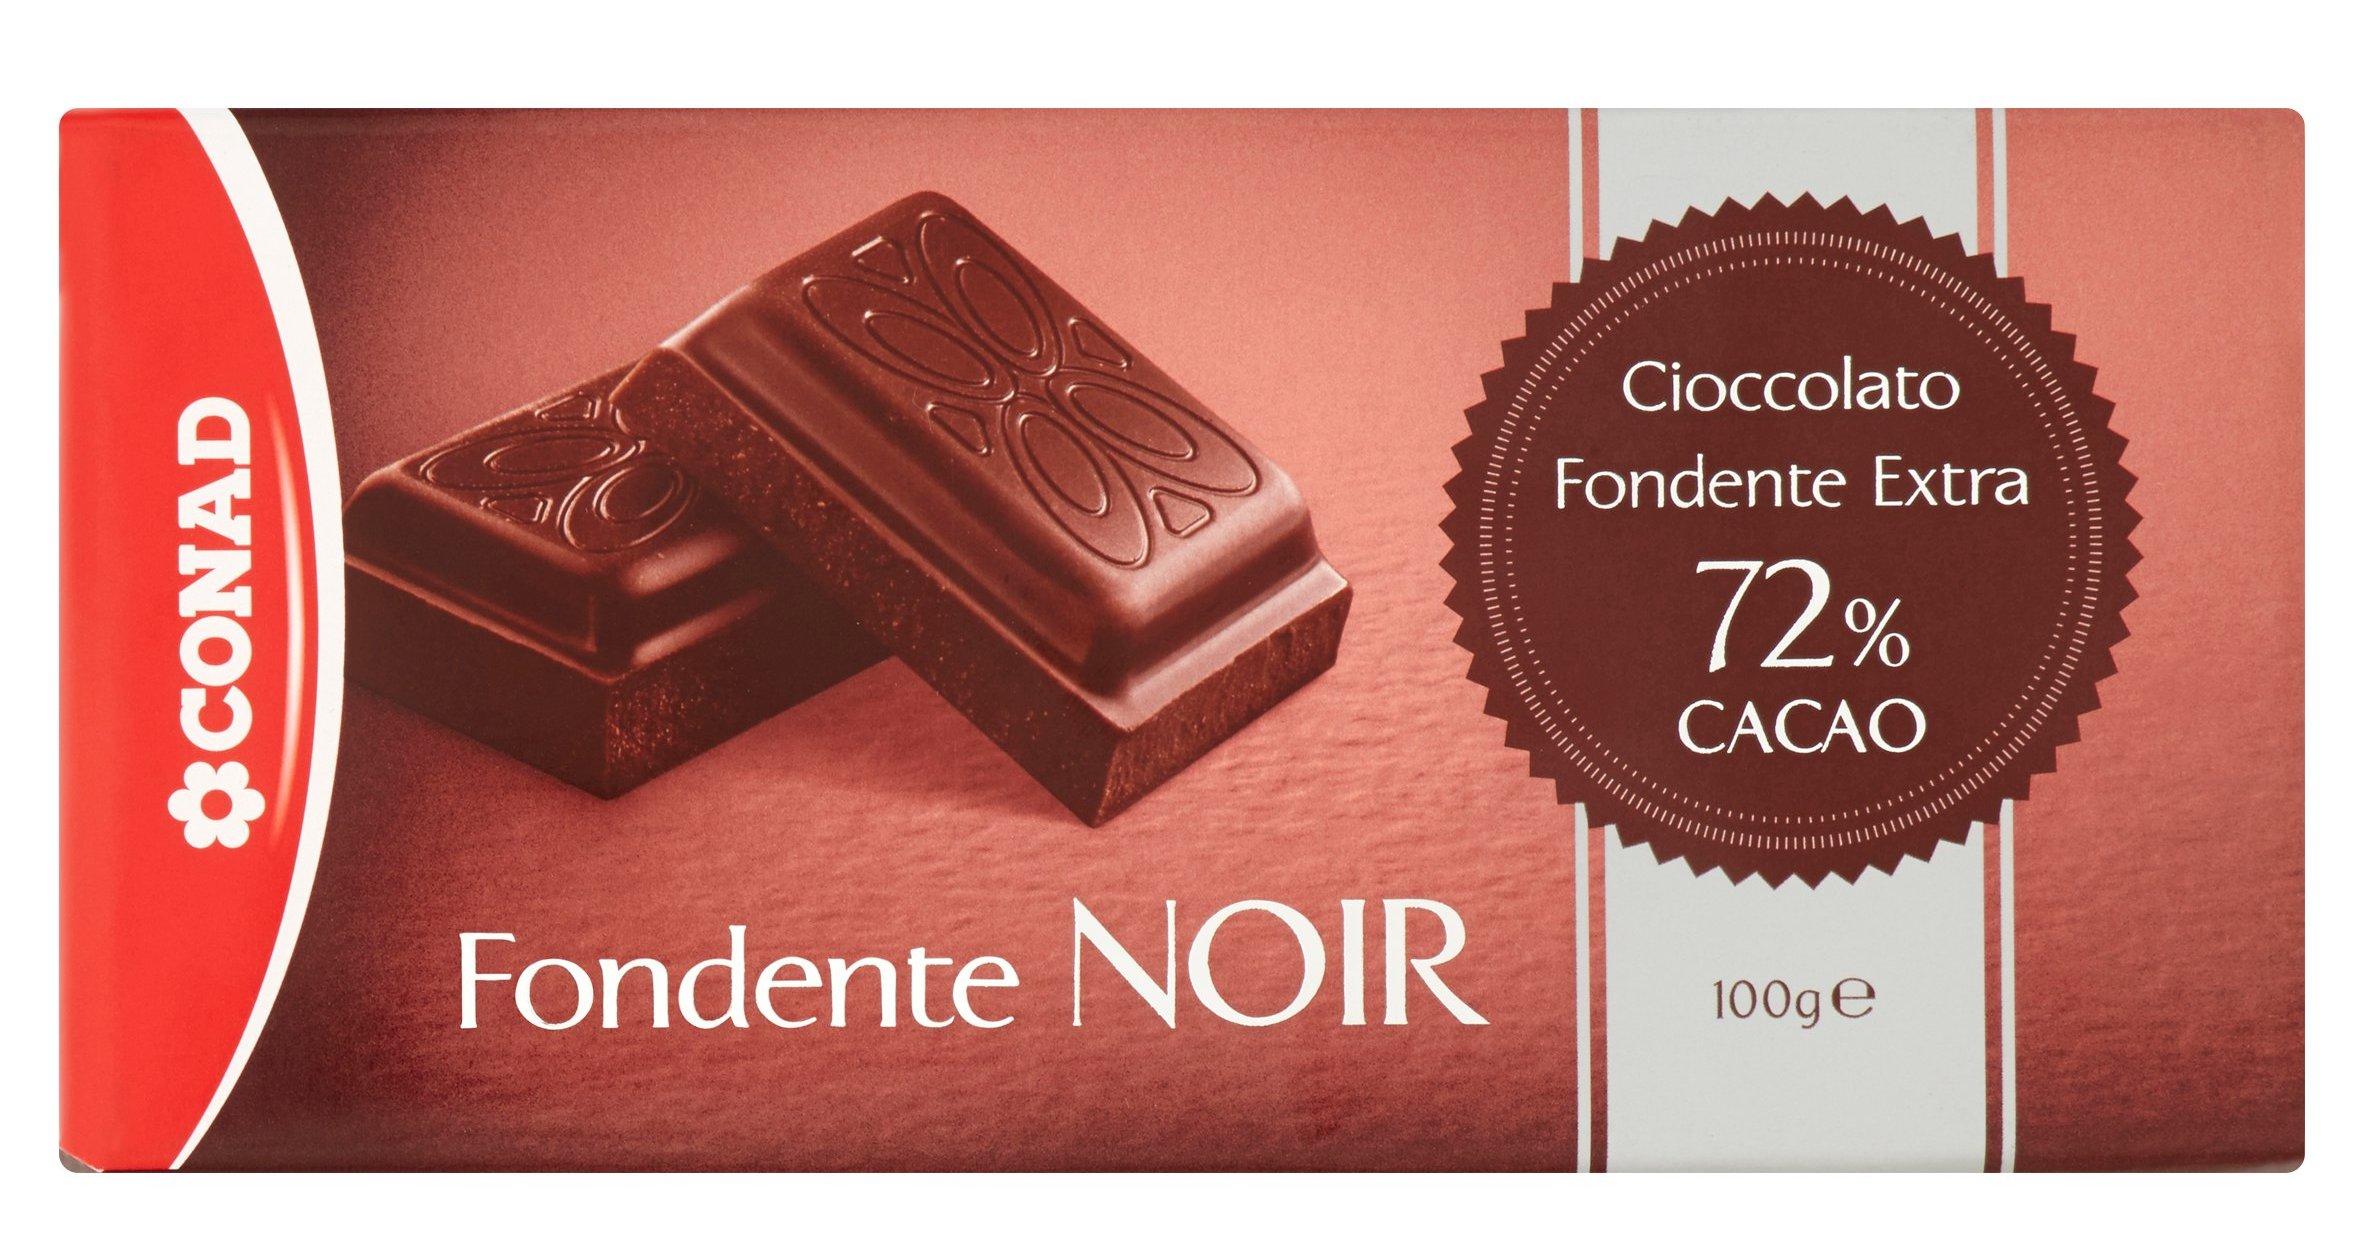 Lotti di Cioccolato fondente extra richiamati dai supermercati Conad